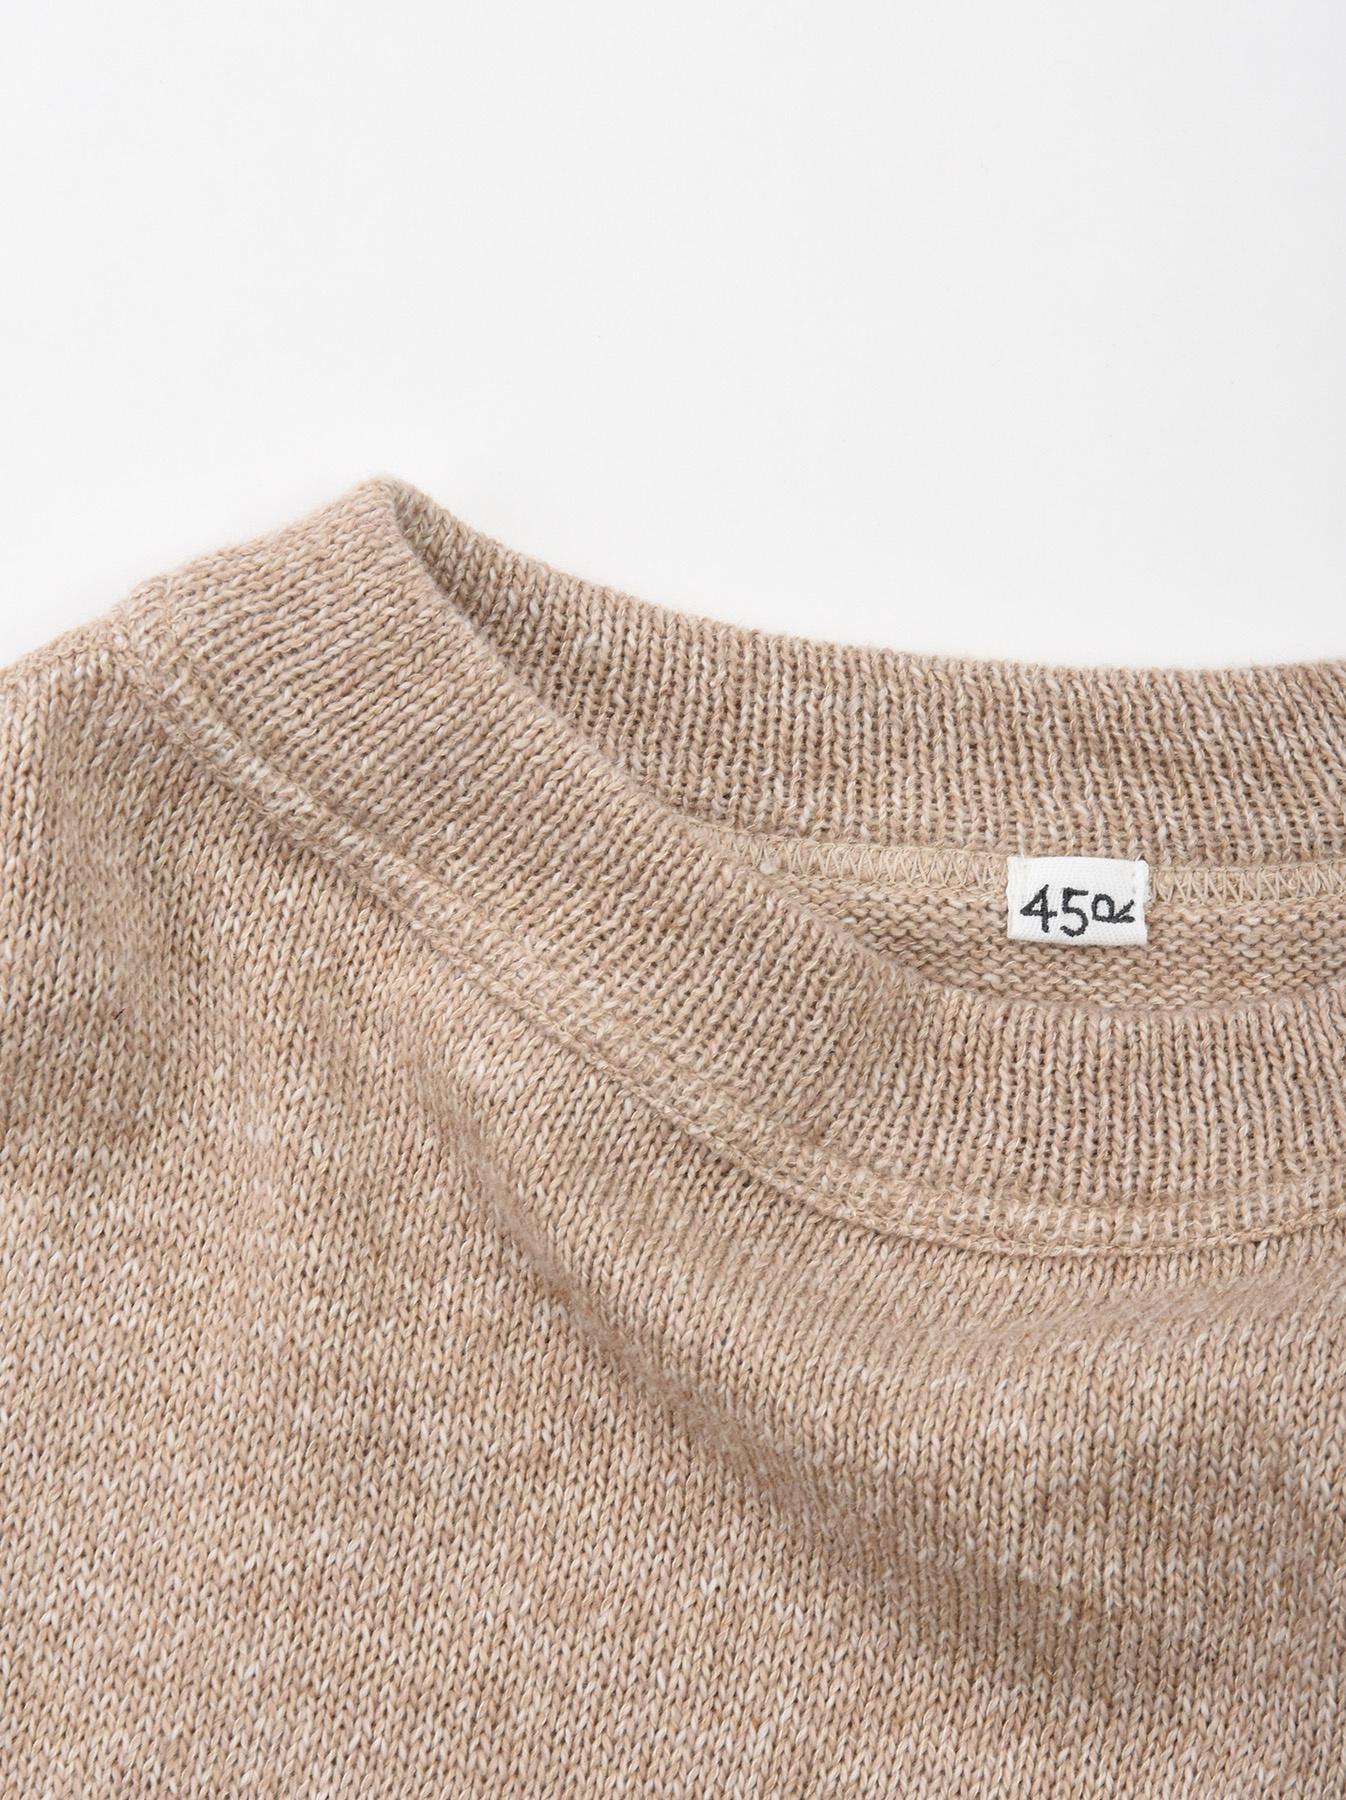 Zimbabwe Cotton Knit-sew 908 Uma Sweater-9